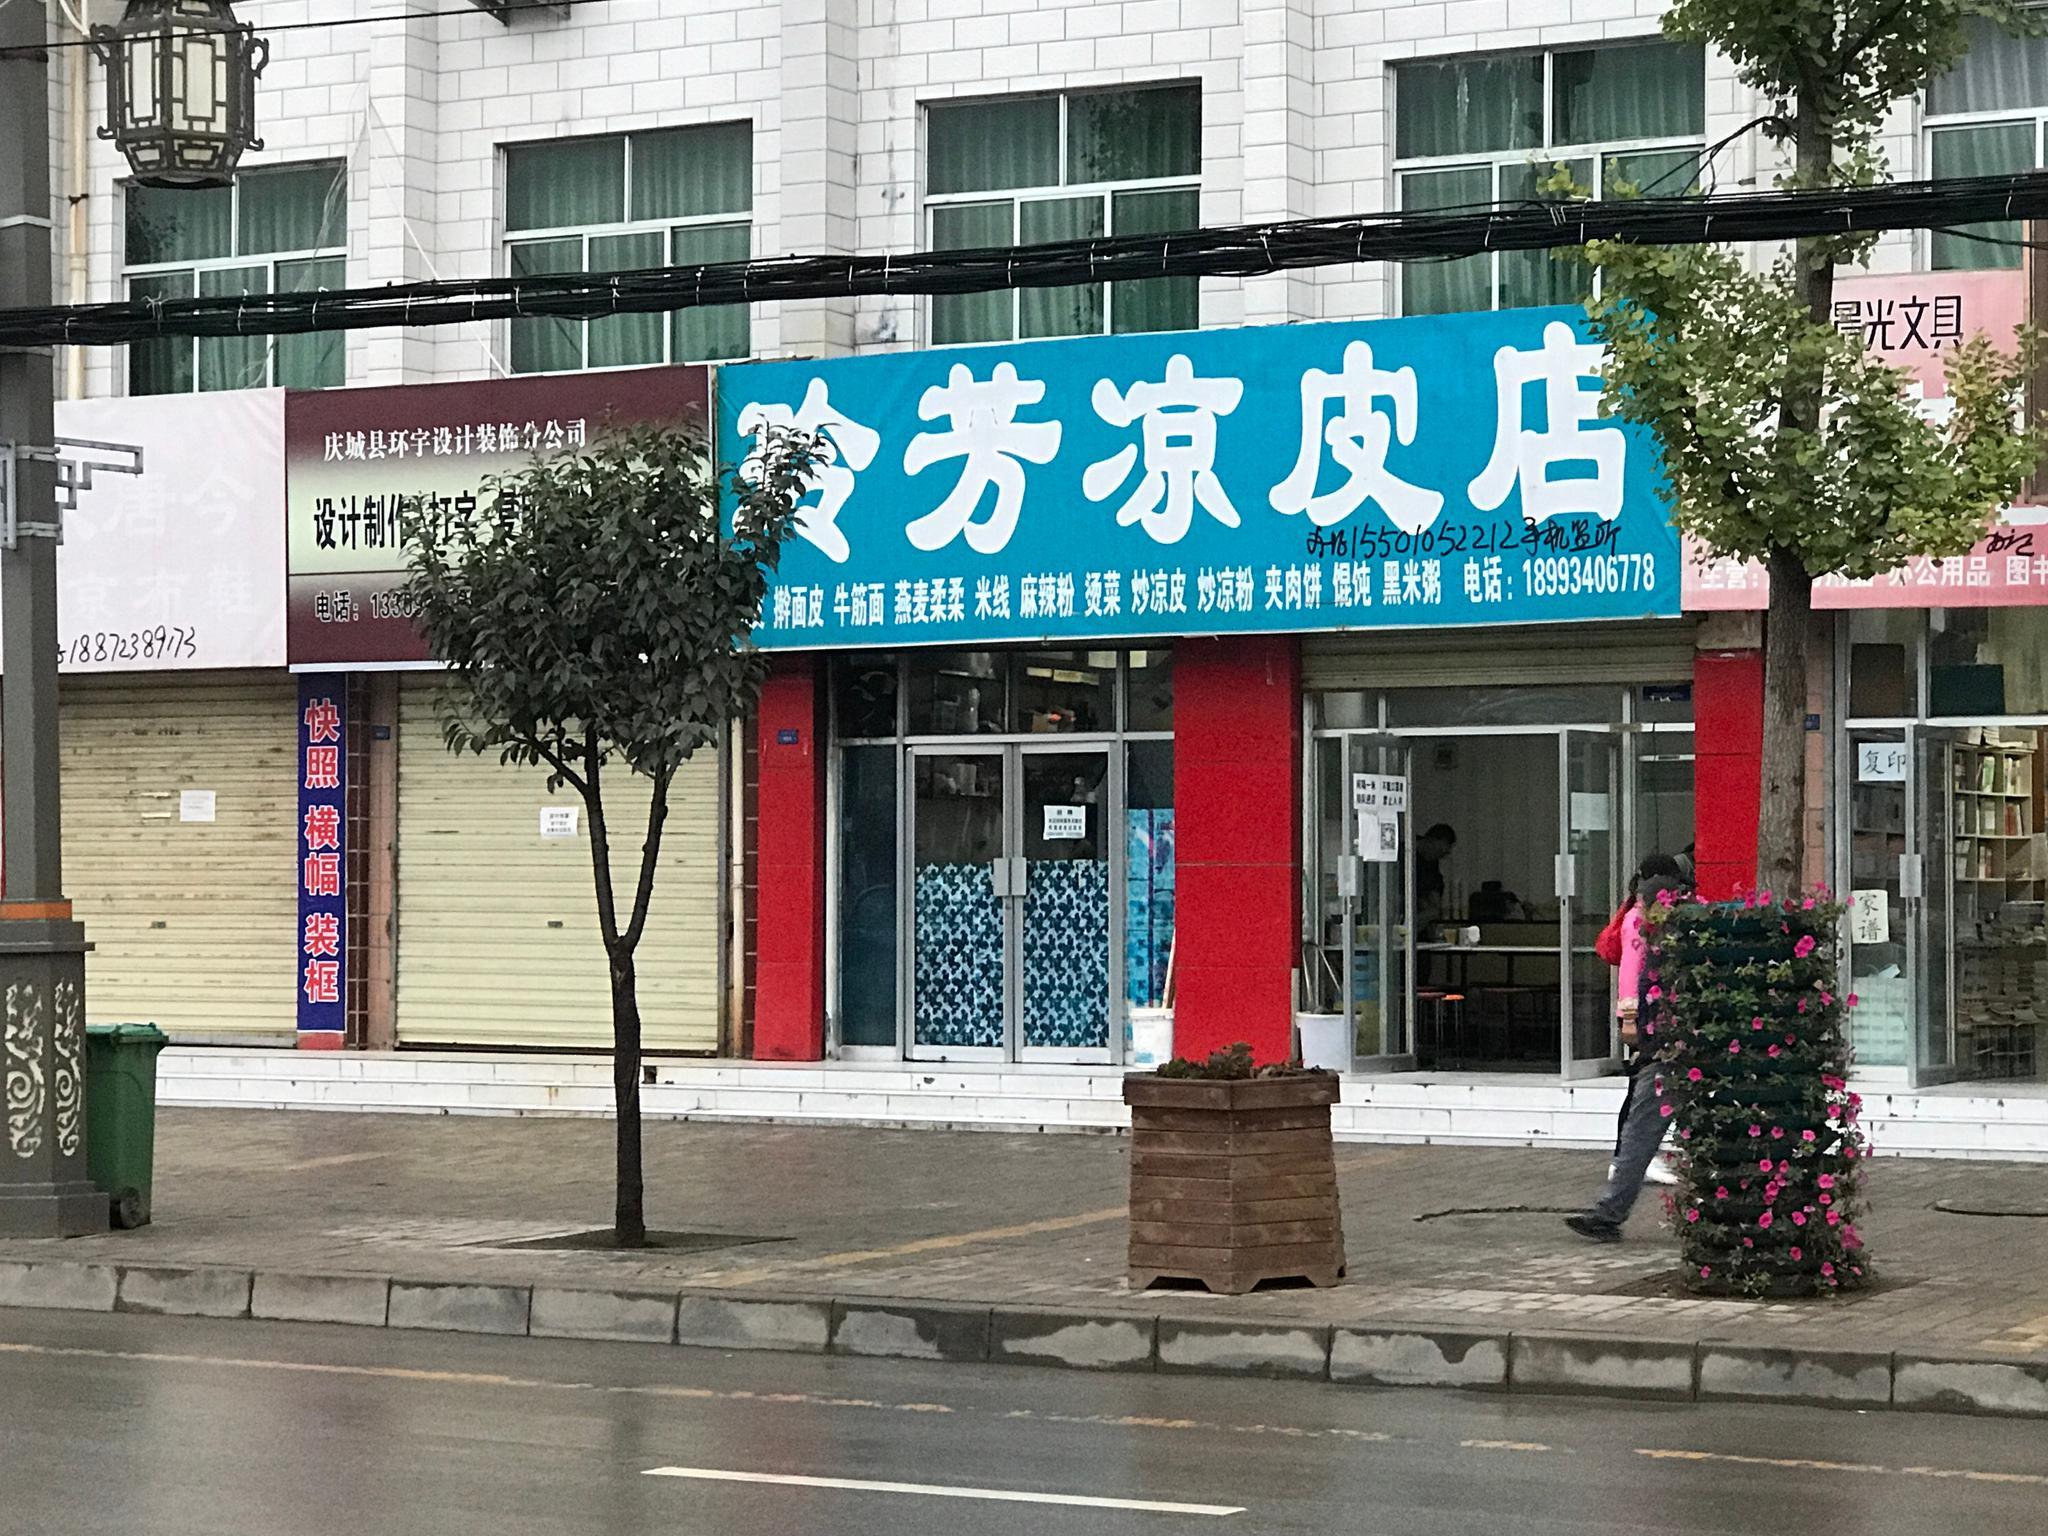 庆城县街头凉皮店第一次早上起来吃这个